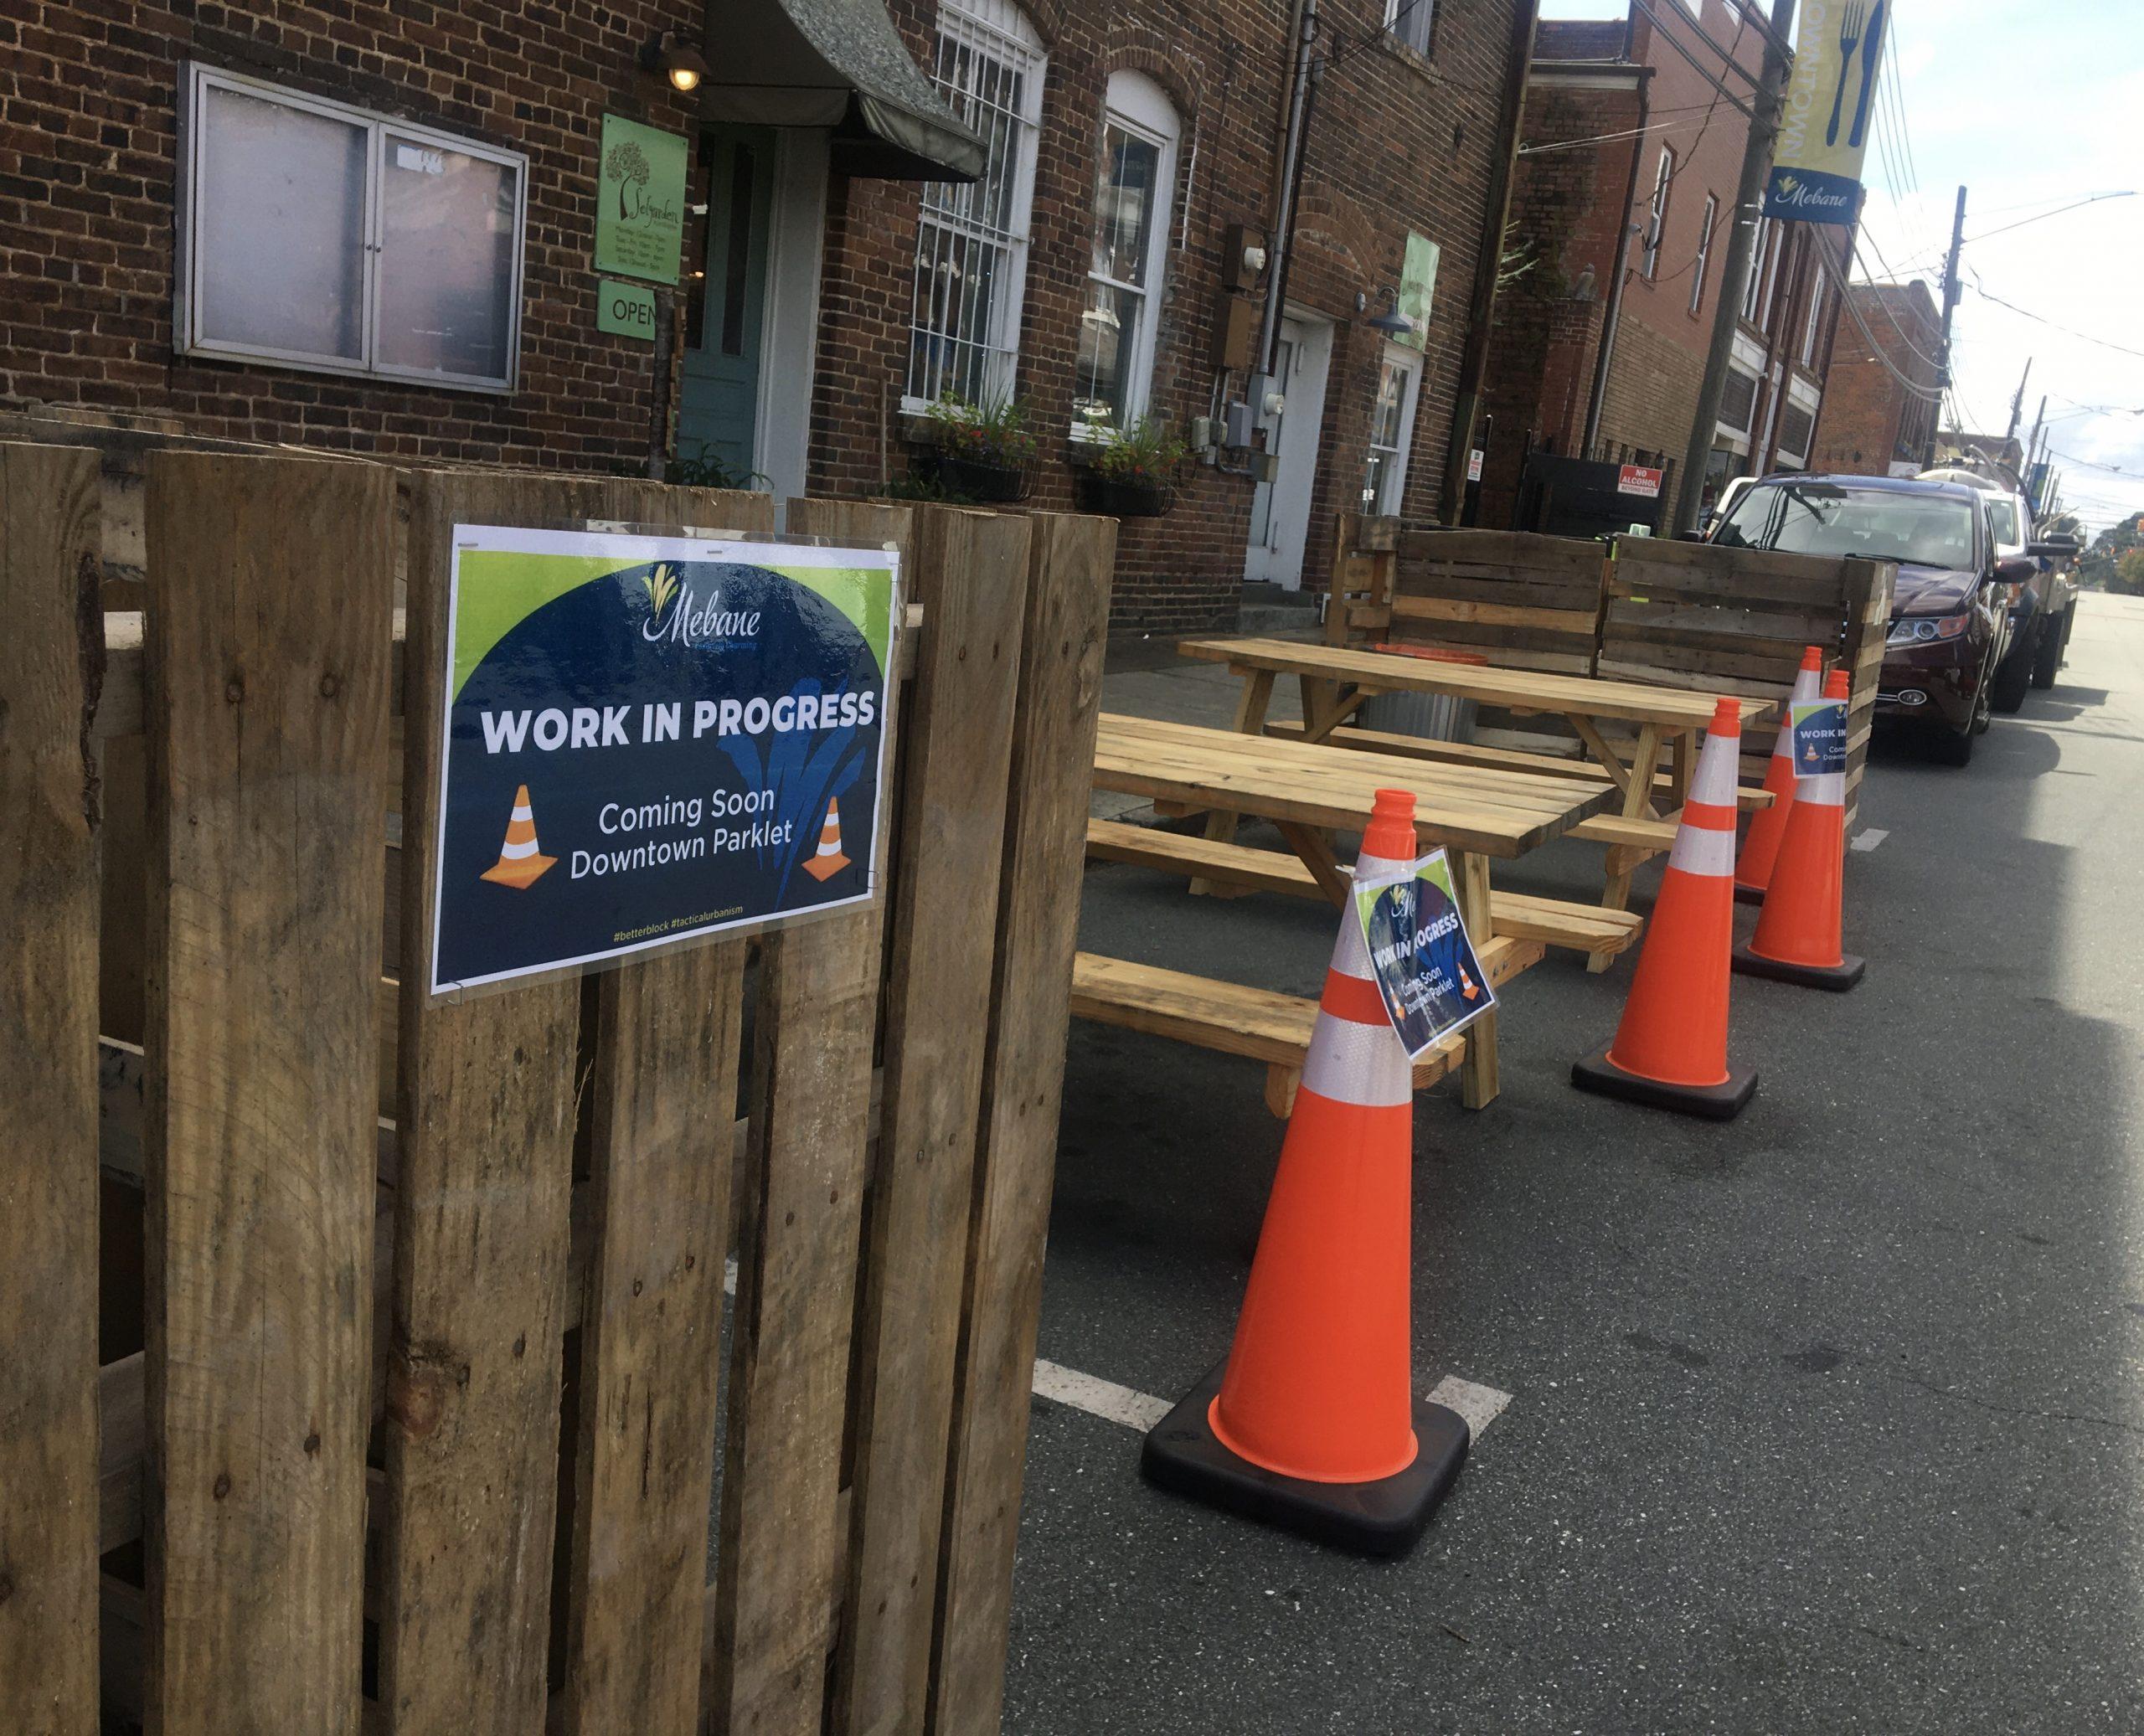 Parklet - Work in Progress